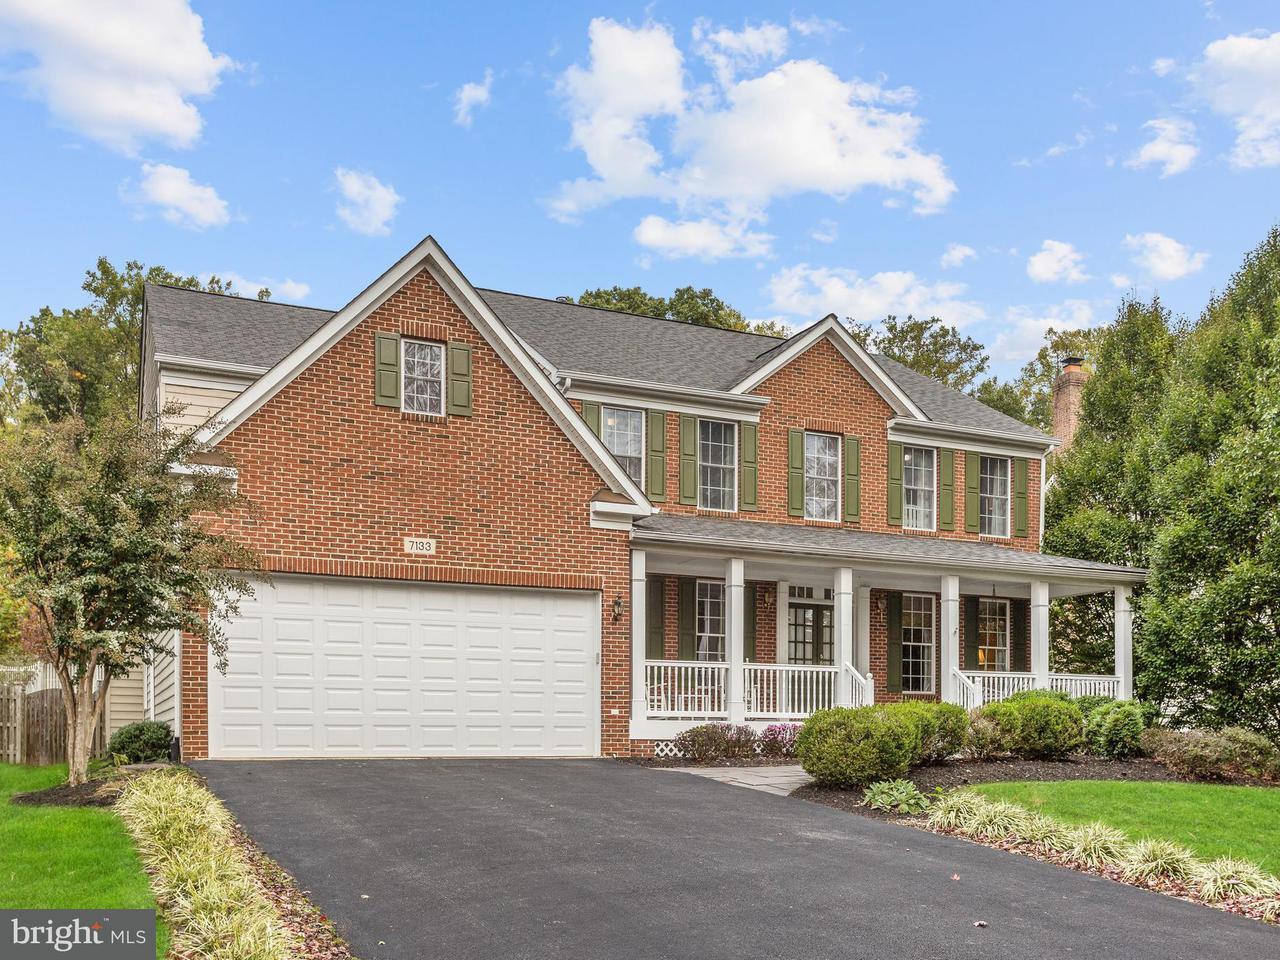 一戸建て のために 売買 アット 7133 Collingwood Court 7133 Collingwood Court Elkridge, メリーランド 21075 アメリカ合衆国